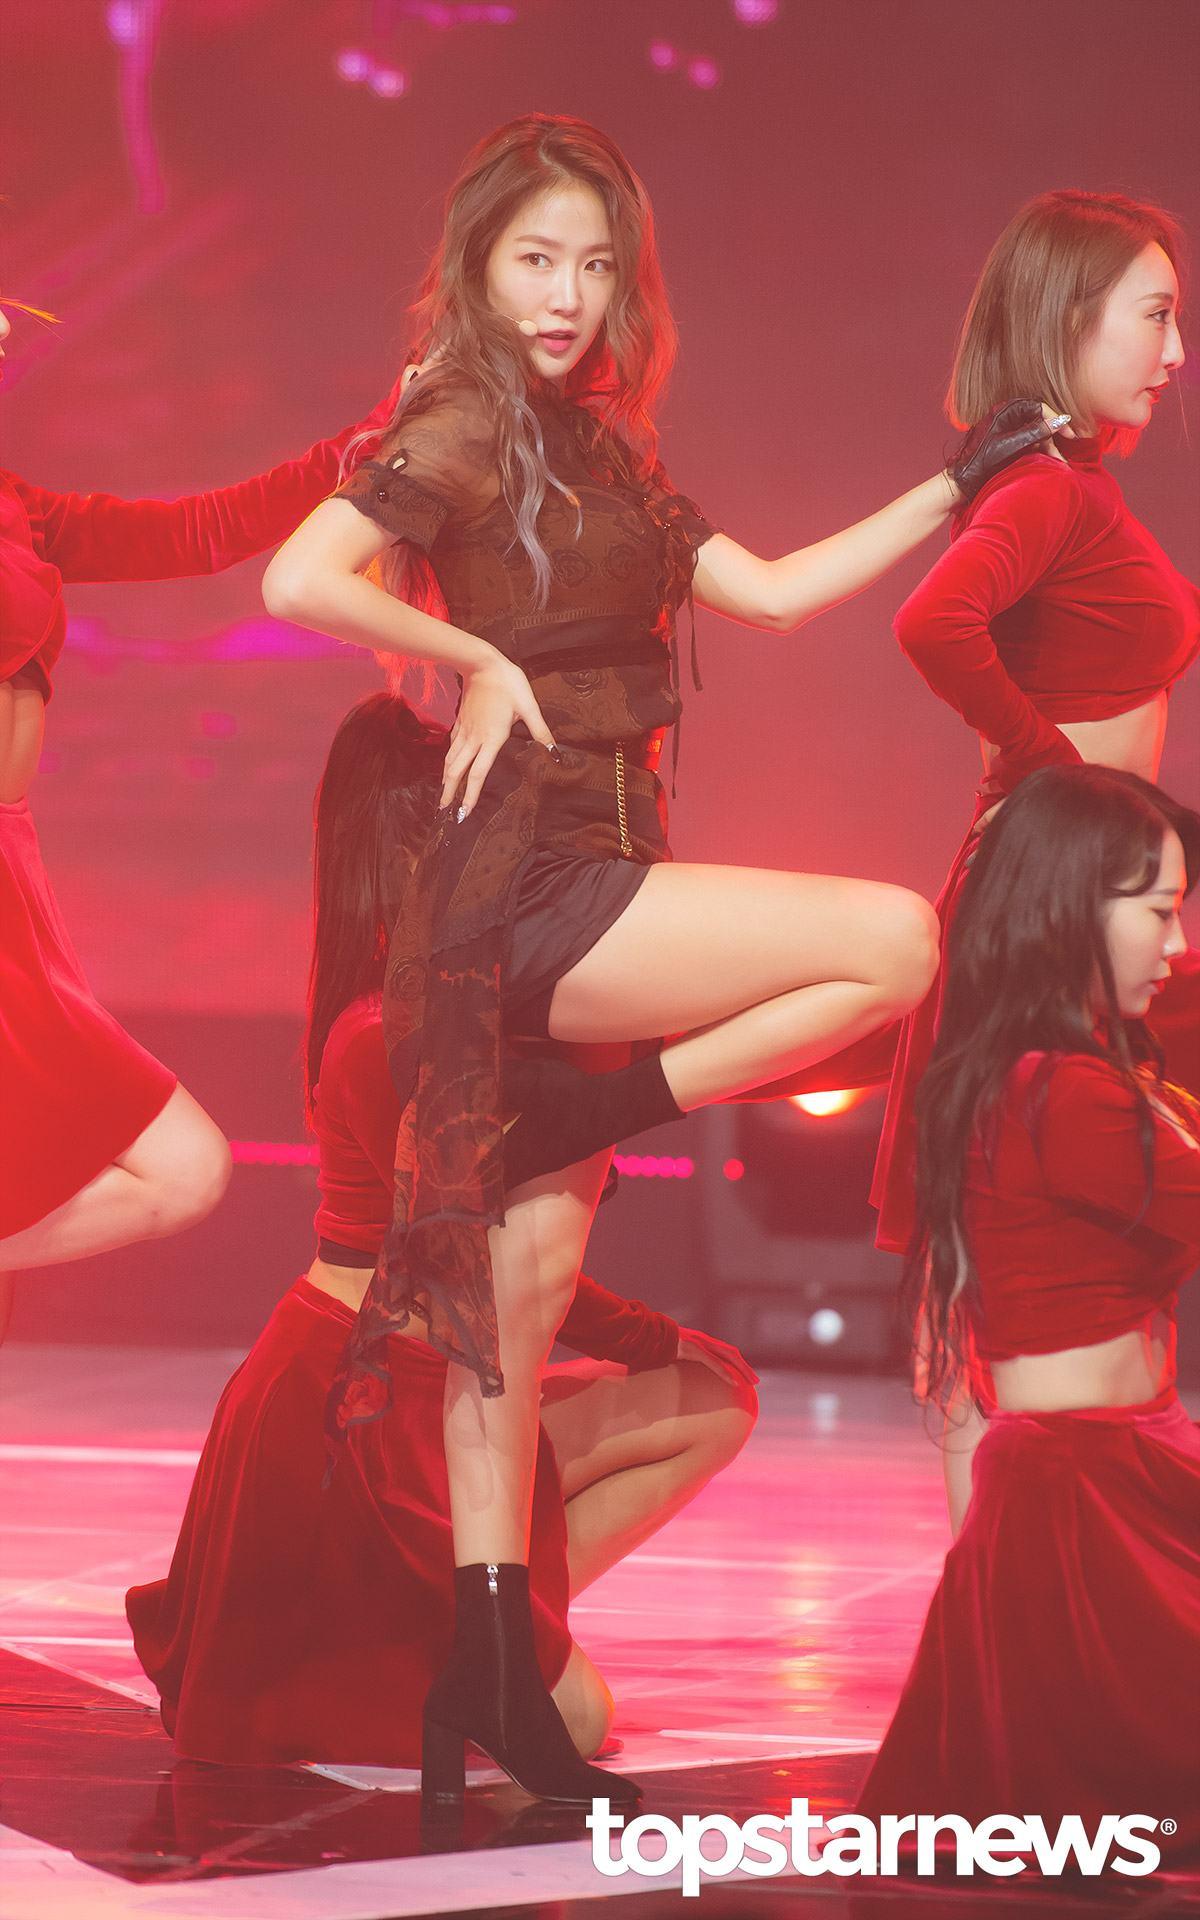 #韶宥 擁有沙啞和感染力嗓音的韶宥,還親自參與了新專輯《PART.2 [RE:FRESH]》的製作 ,主打曲《ALL NIGHT》帶來和前一次不同的性感美,讓大家更加沈迷於她的魅力啊!